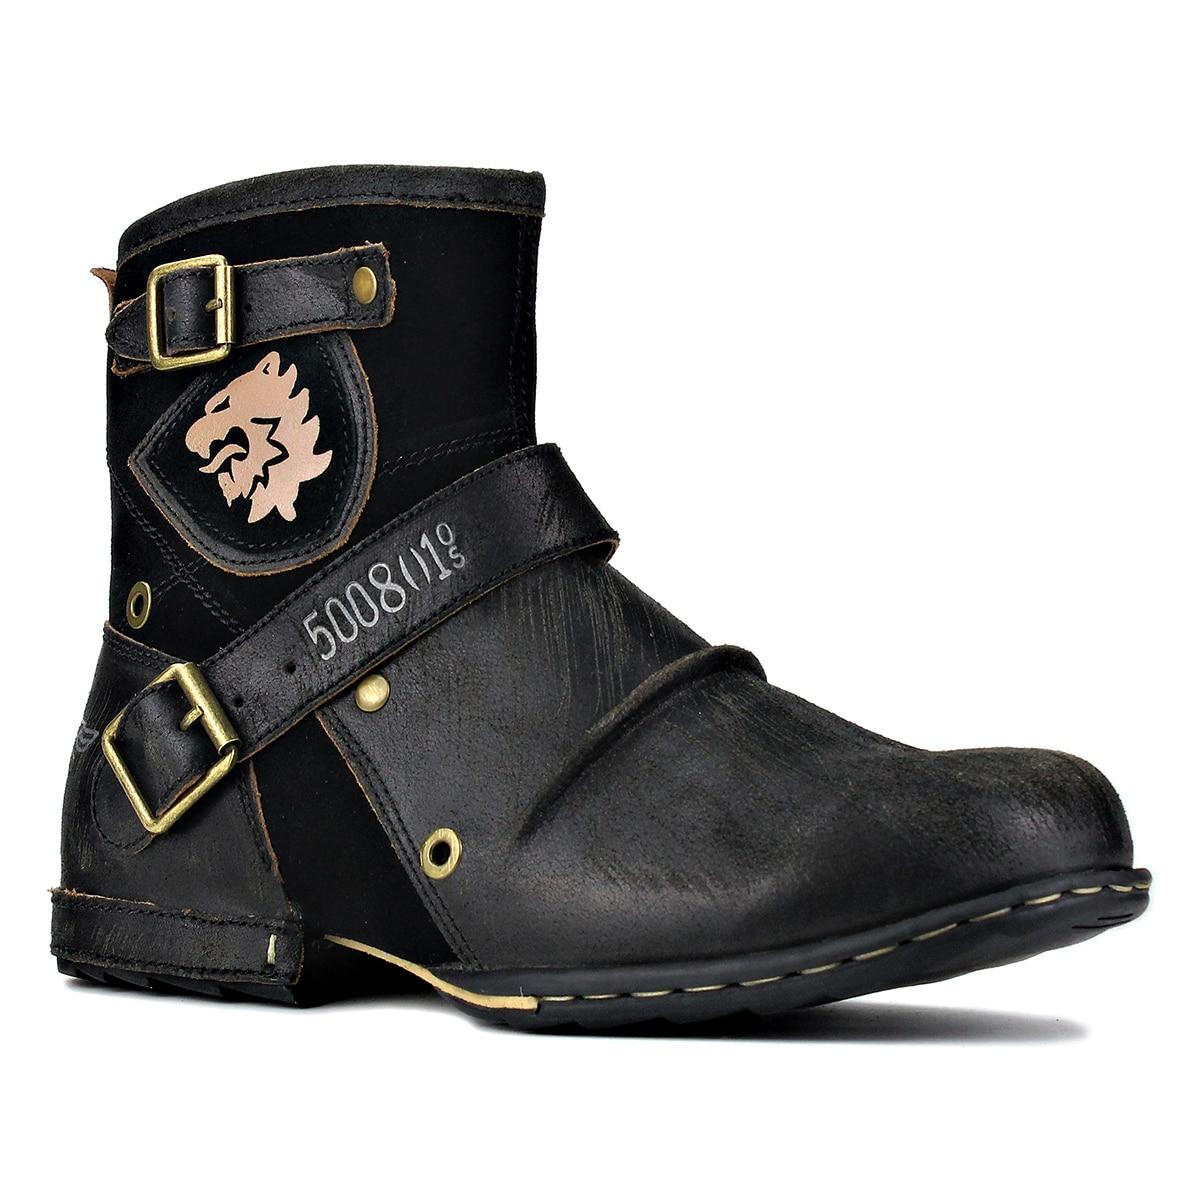 أحذية جلدية أصلية للرجال ، أحذية عمل عالية الجودة ، أحذية كاوبوي Chukka ، أحذية بسحاب للدراجات النارية ، أحذية غربية عصرية